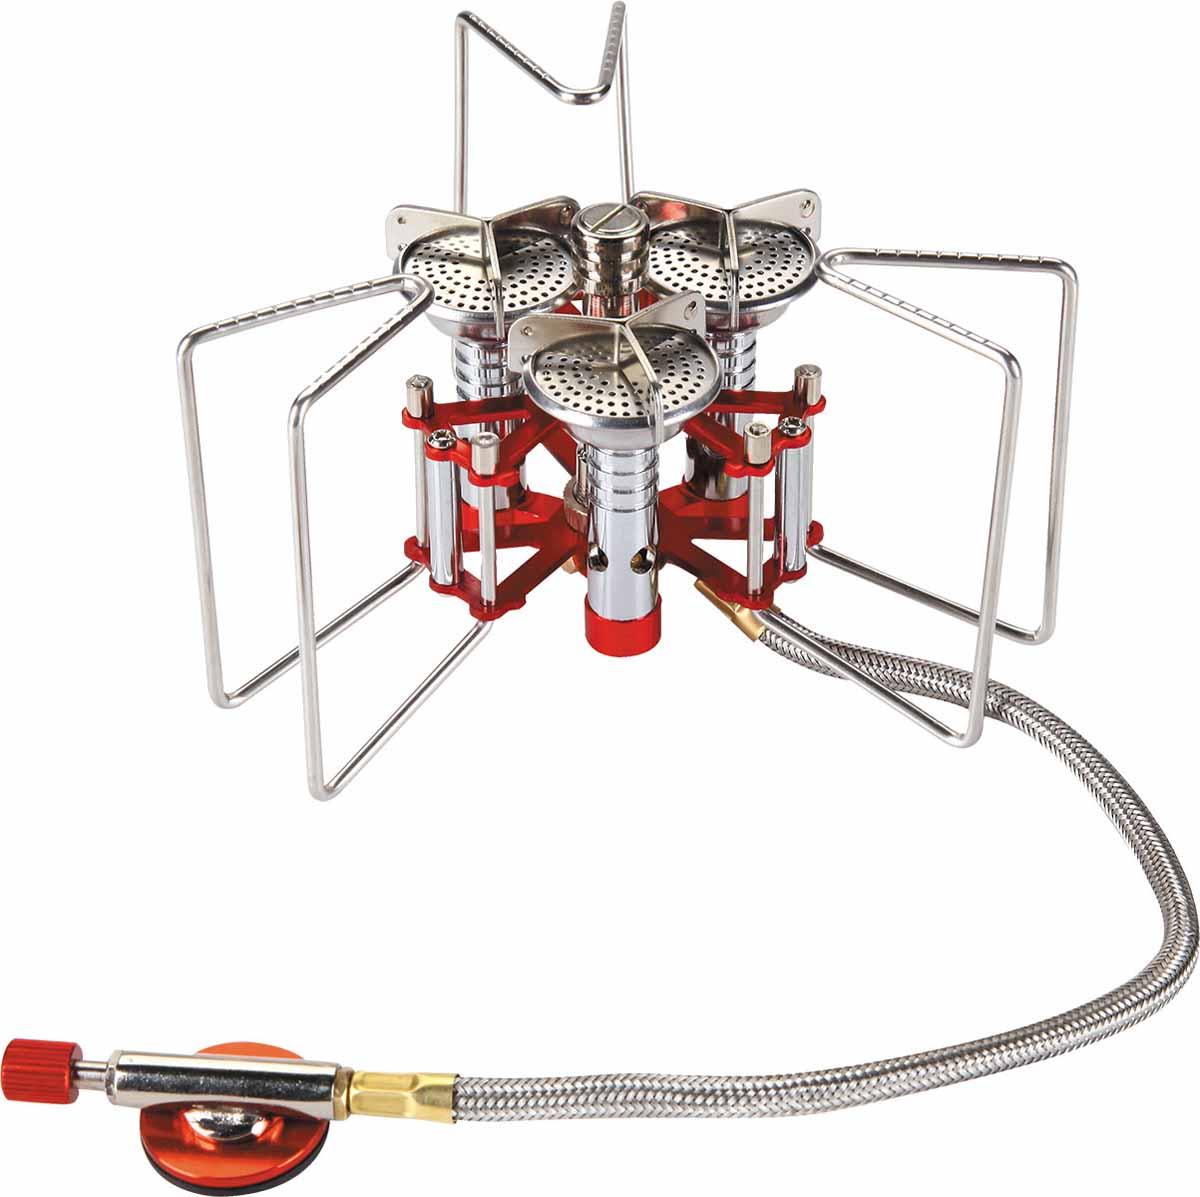 Горелка газовая Track Jet, с пьезоподжигом5670220Track Jet - оптимальная для походов и путешествий газовая горелка, которая промозглым ранним утром скрасит подъем, а в конце трудного дня поможет быстро приготовить ужин. Мощная, устойчивая, легкая горелка быстро поможет вскипятить воду в любой емкости - от кружки до пятилитровой кастрюли. Изделие компактно пакуется после использования. Горелка обладает большой мощностью. Ножки выдерживают нагрузку до 25 кг.Зубчатые кромки держателей не дают скользить посуде. Узел крепления баллона отделен от горелки 40 сантиметровым топливопроводным шлангом, что в свою очередь повышает ее устойчивость. Система предварительного нагрева топлива гарантирует экономичную стабильную работу, способствует более полному сгоранию газа. Механизм автоподжига на пьезоэлектрическом кристалле упрощает эксплуатацию горелки, а в экстремальных условиях обеспечивает возможность поджечь ее даже очень замерзшими руками или в перчатках. Расход газа: 230 г/ч.Топливо: сжиженный газ.Вес без чехла: 298 г.